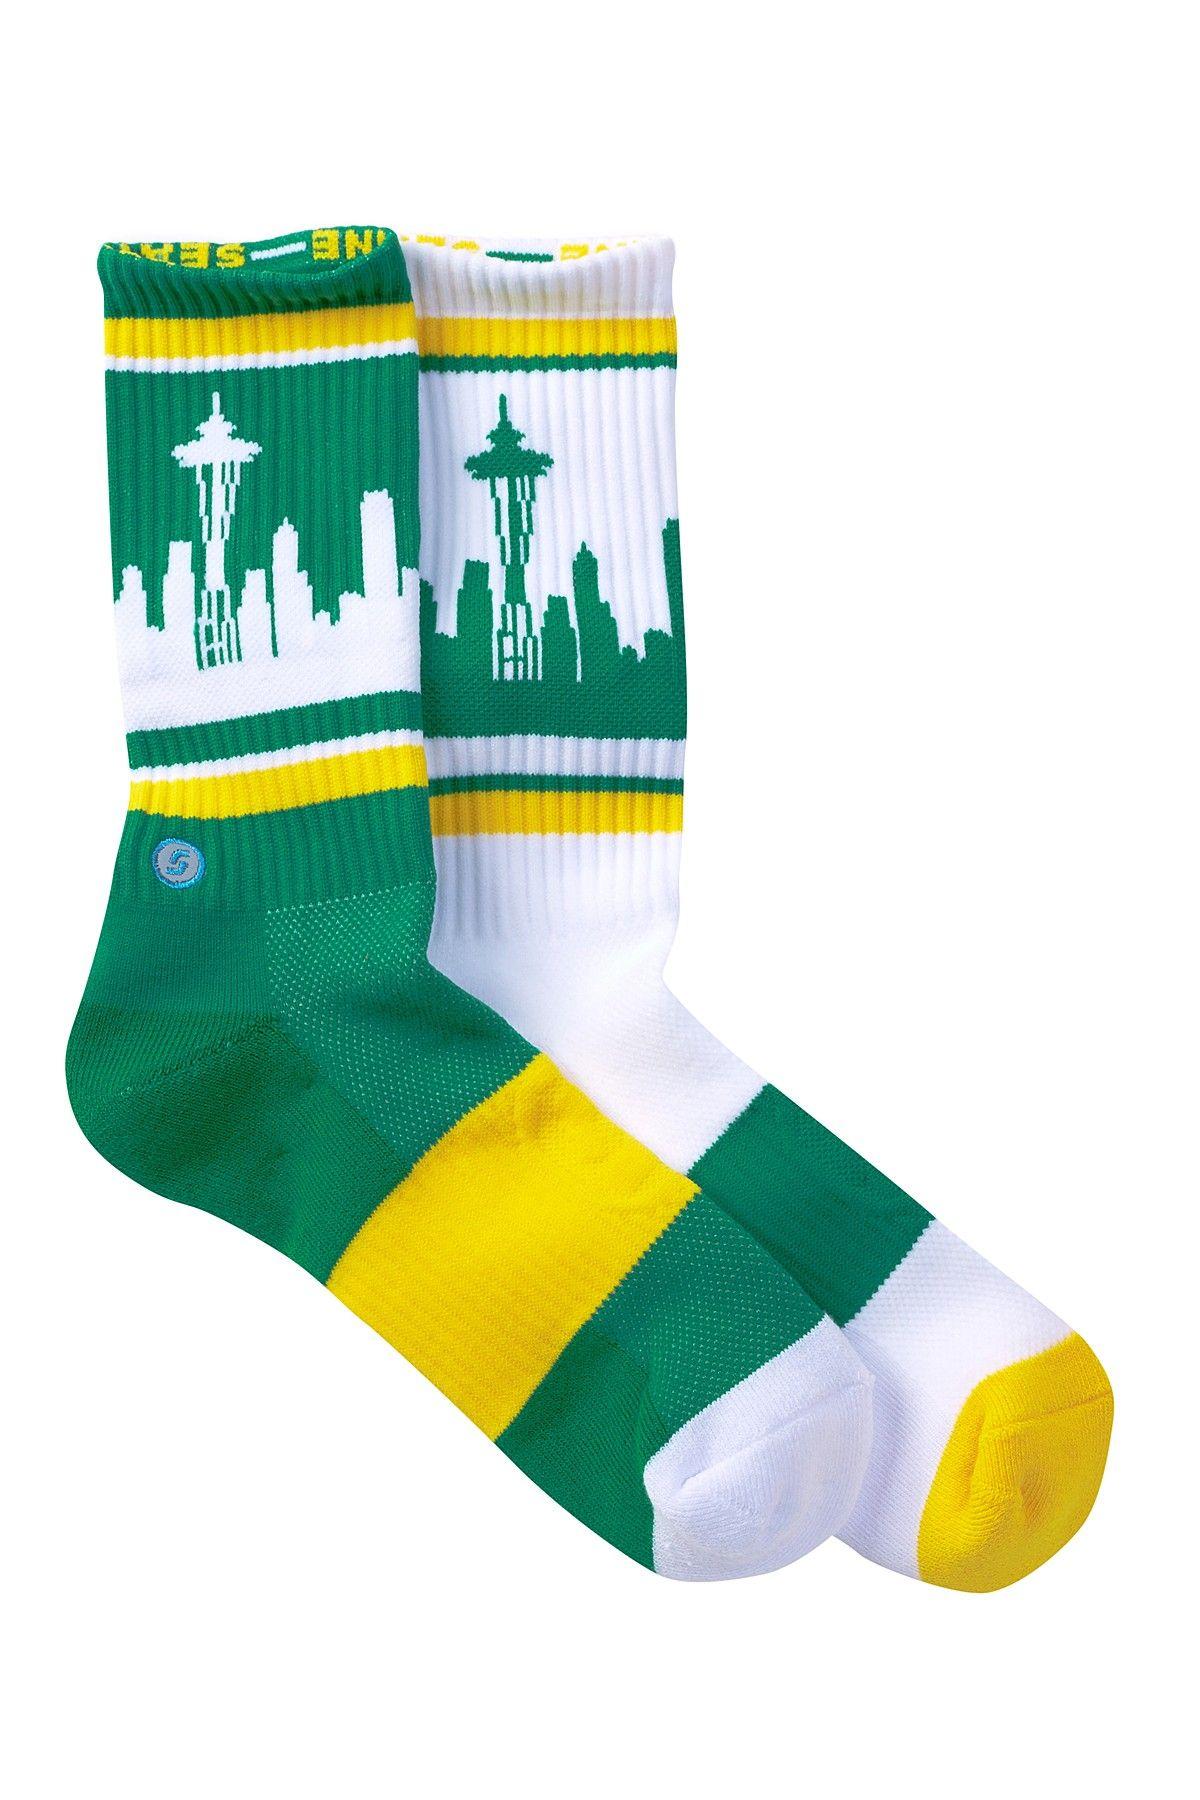 Skyline | Seattle Skyline Socks - Pack of 2 | Seattle, Productos y ...